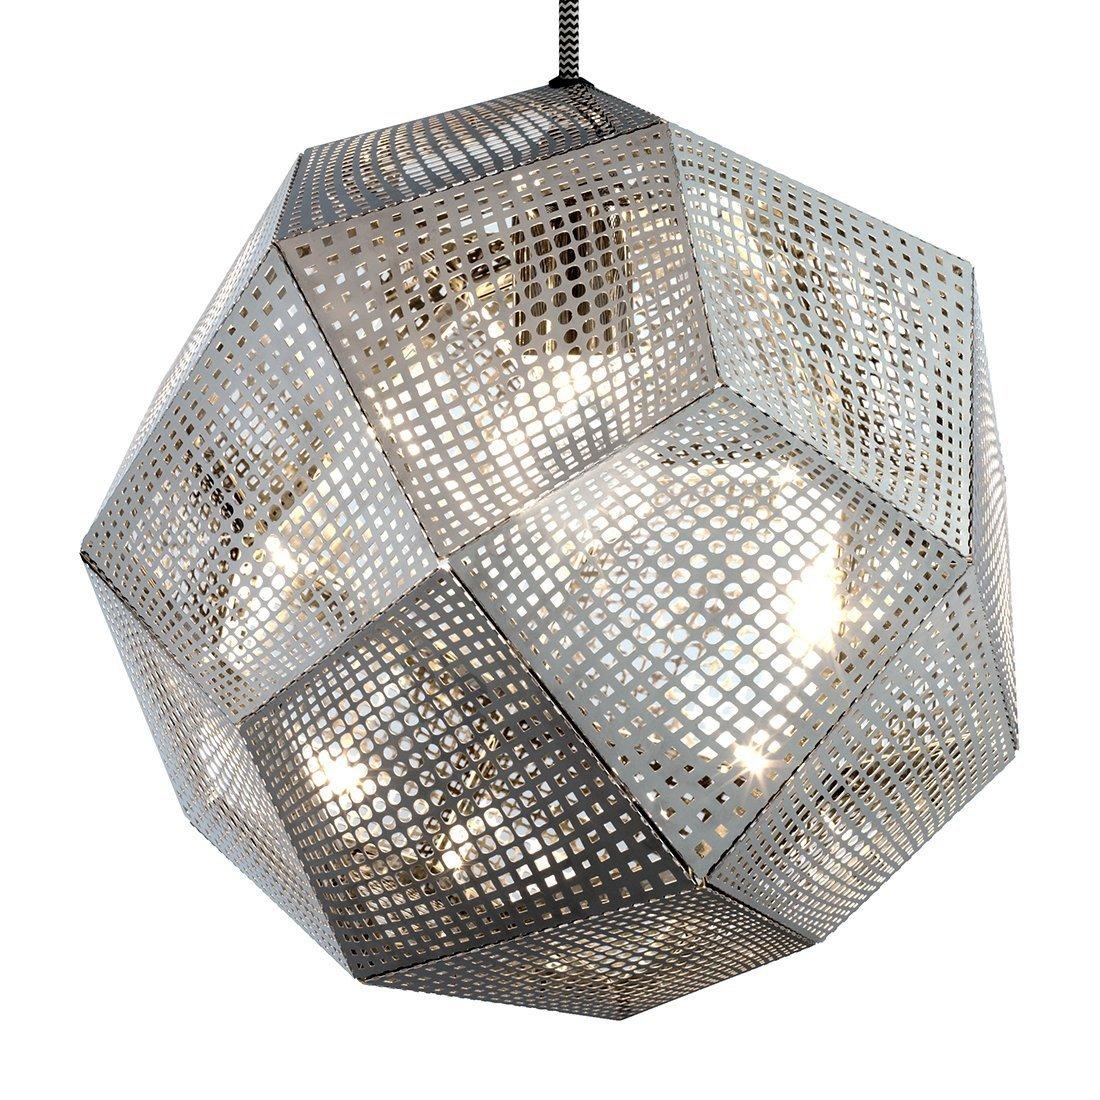 Tom Dixon Etch Shade Hanglamp RVS